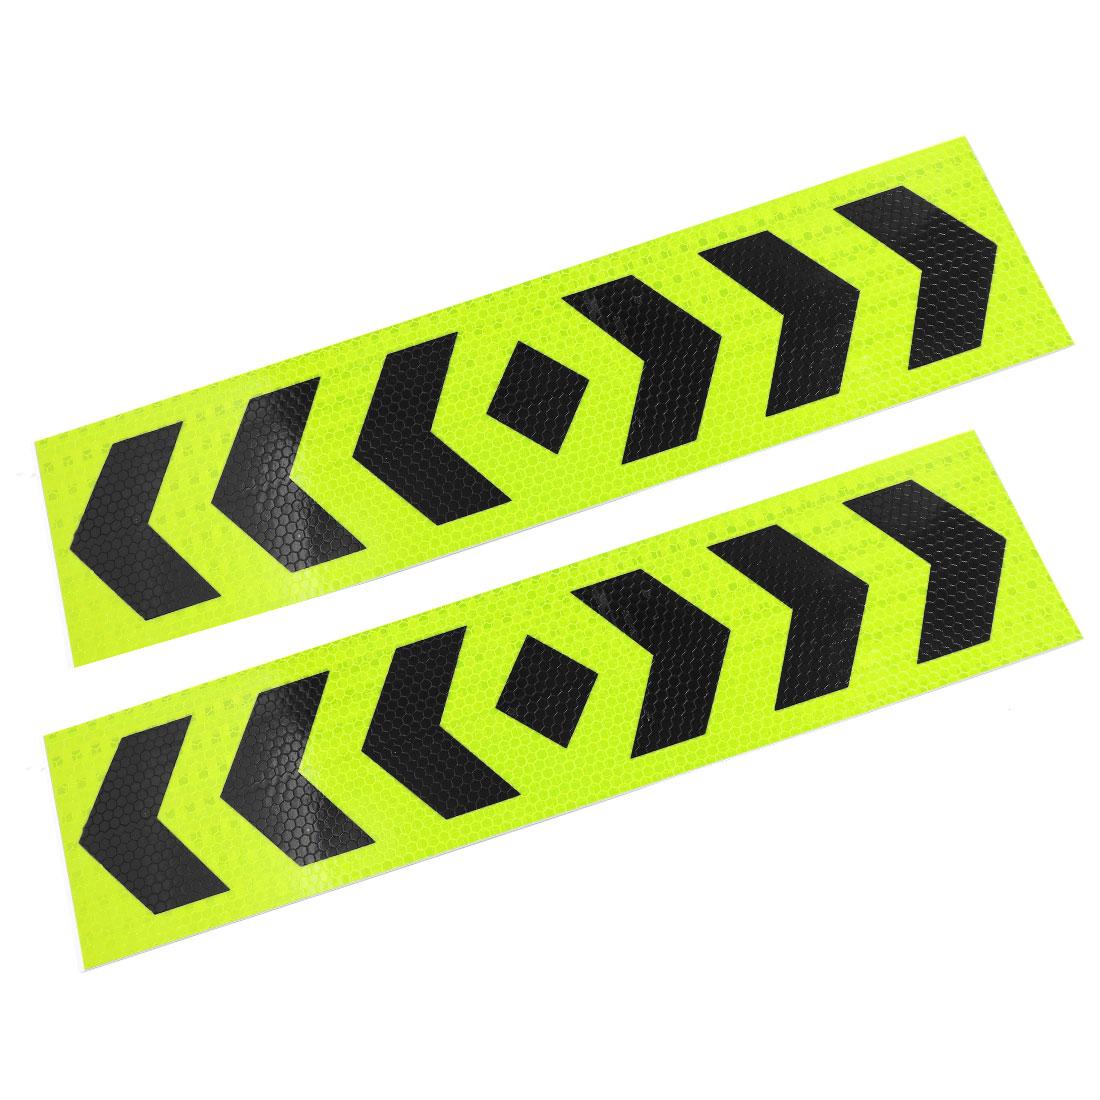 Shiny Green Black Arrows Pattern Stick-on Reflective Sticker 39cm Long 2 Pcs